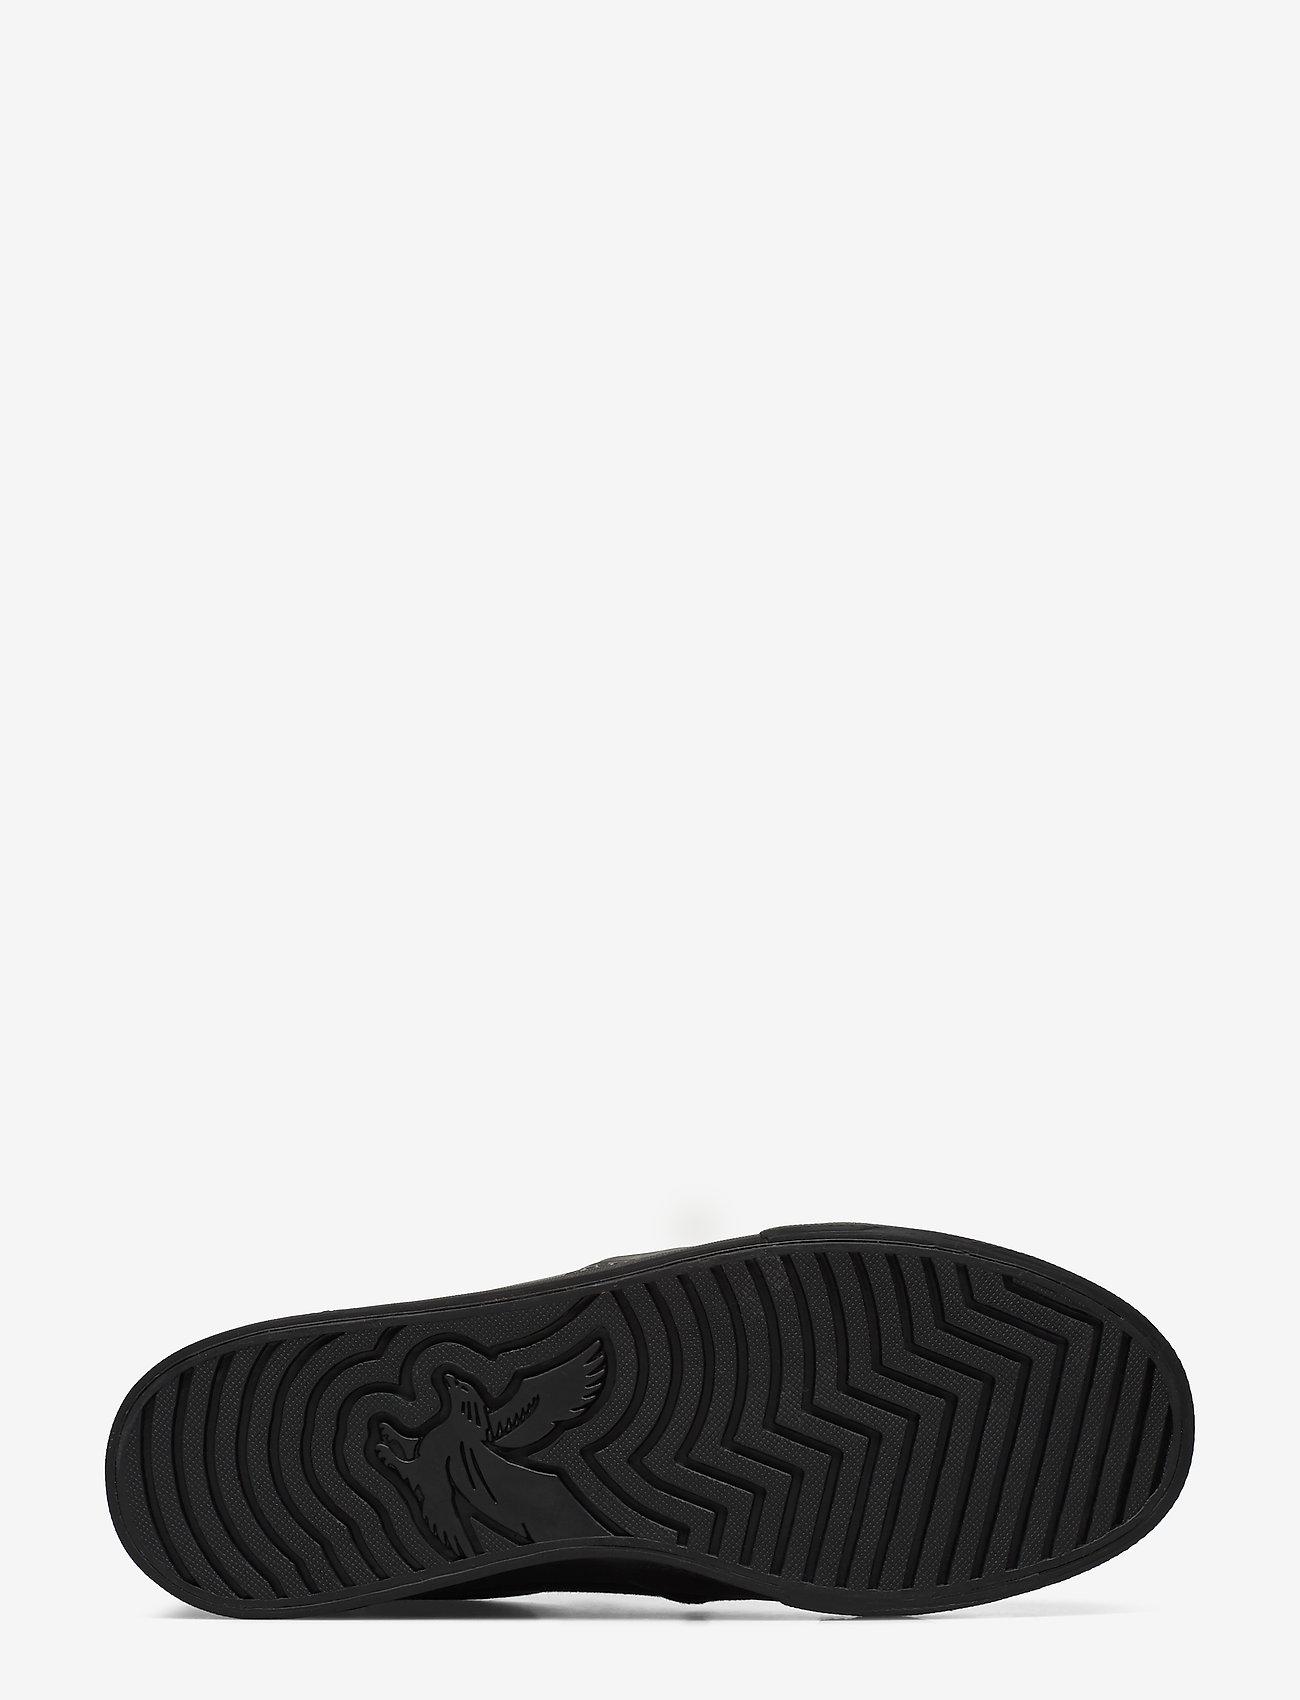 Duncan (Black/black Sole) (274.50 kr) - Lyle & Scott